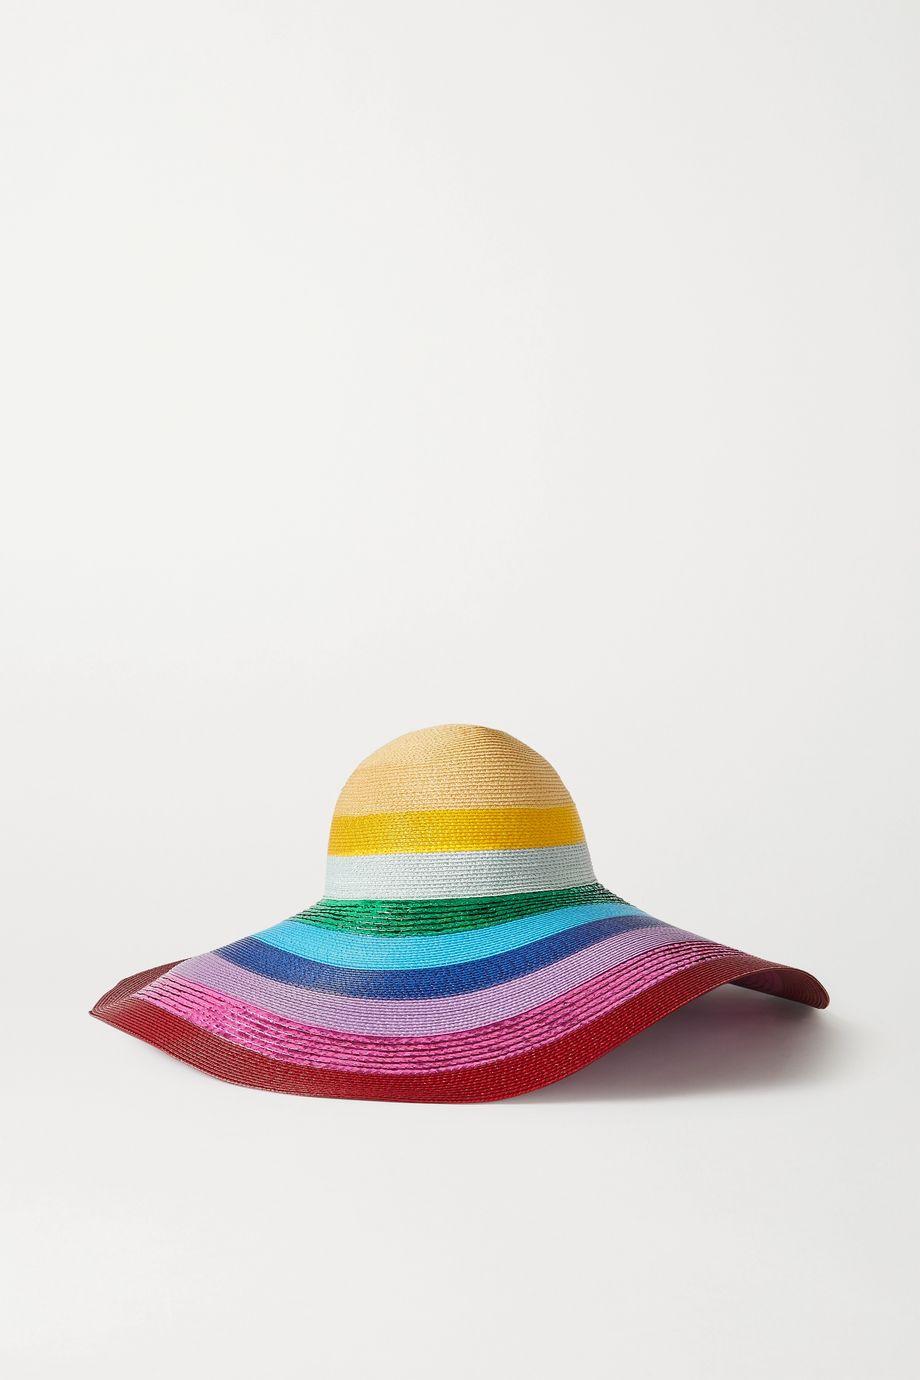 Mary Katrantzou MARY-MARE Riviera metallic striped woven hat